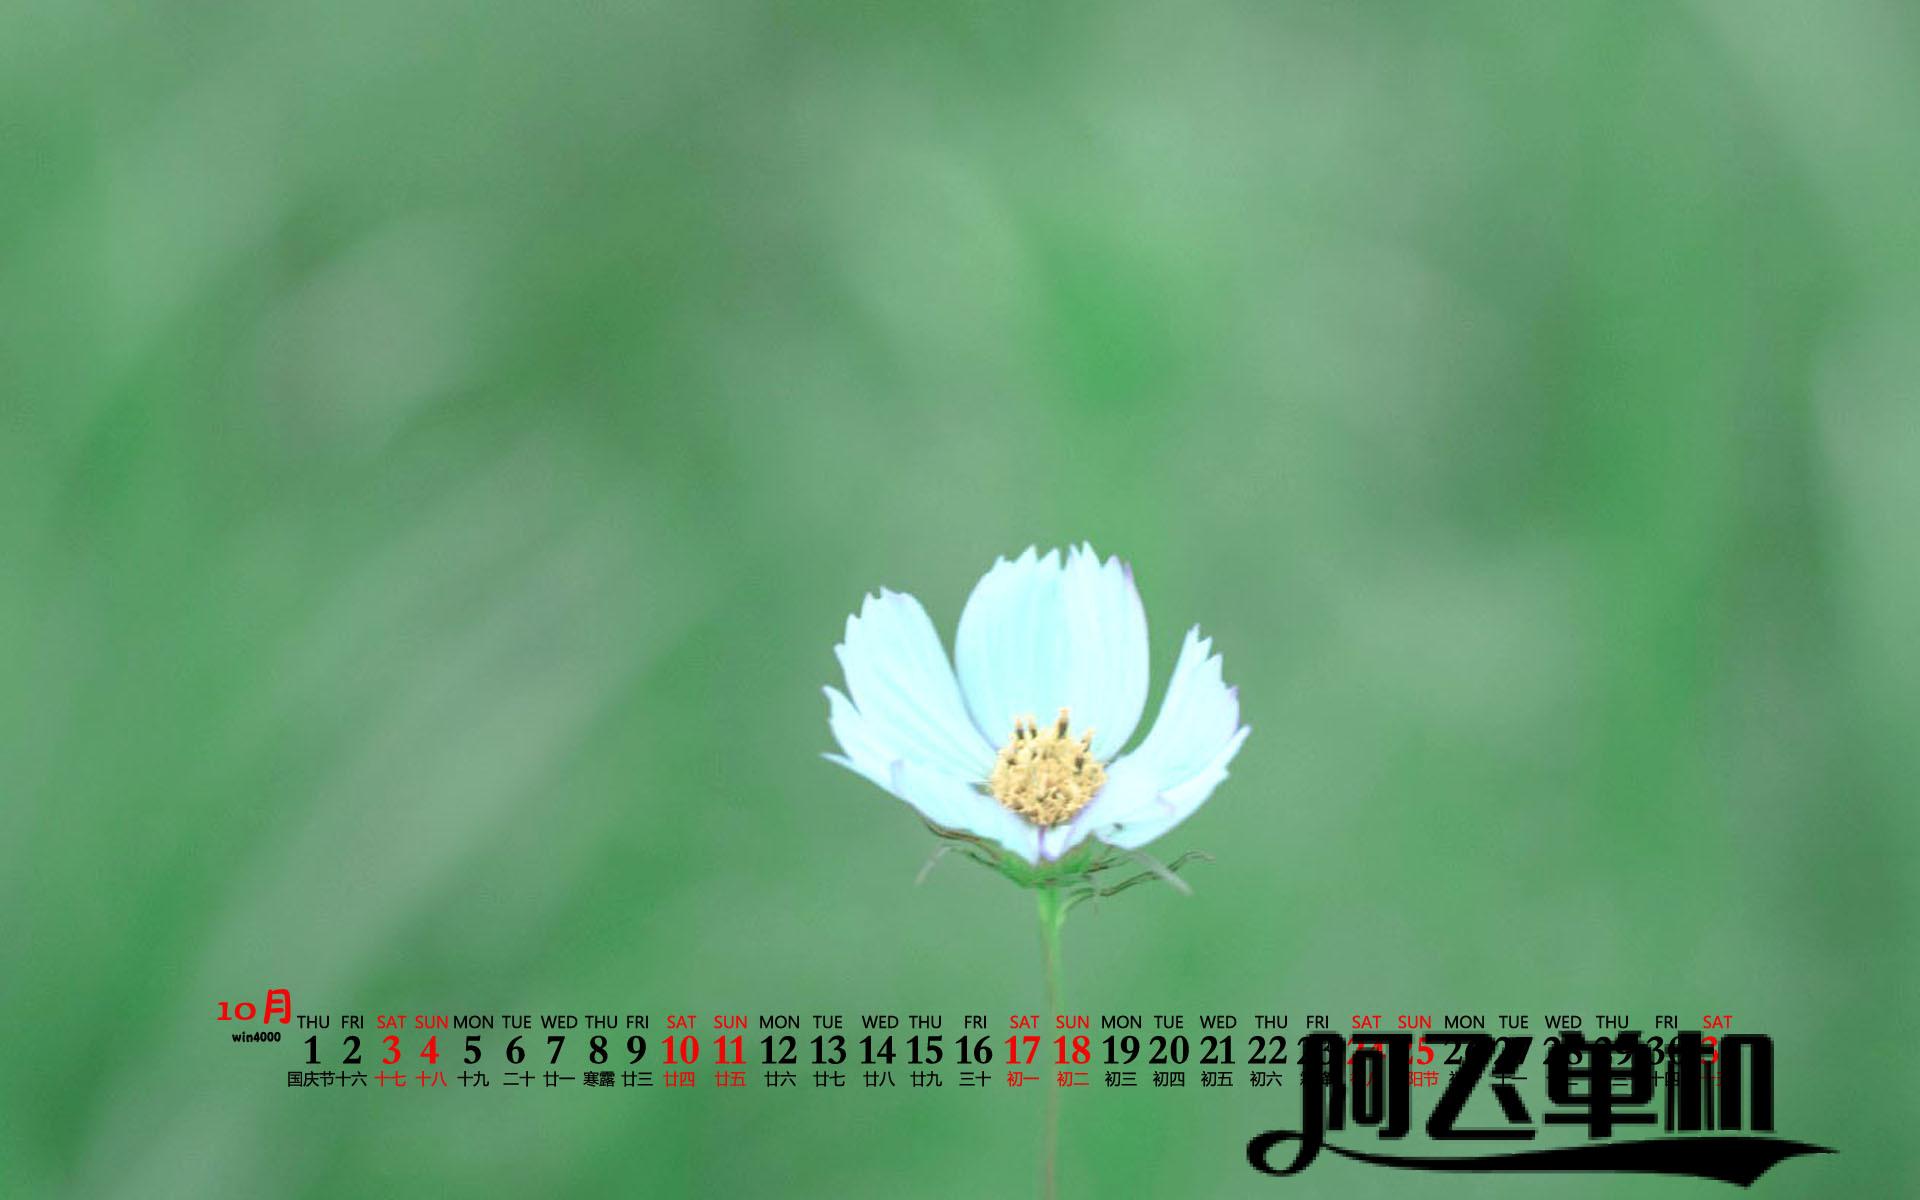 【游戏视频】三国战纪2012无双版(许褚组)天王难度一命速通